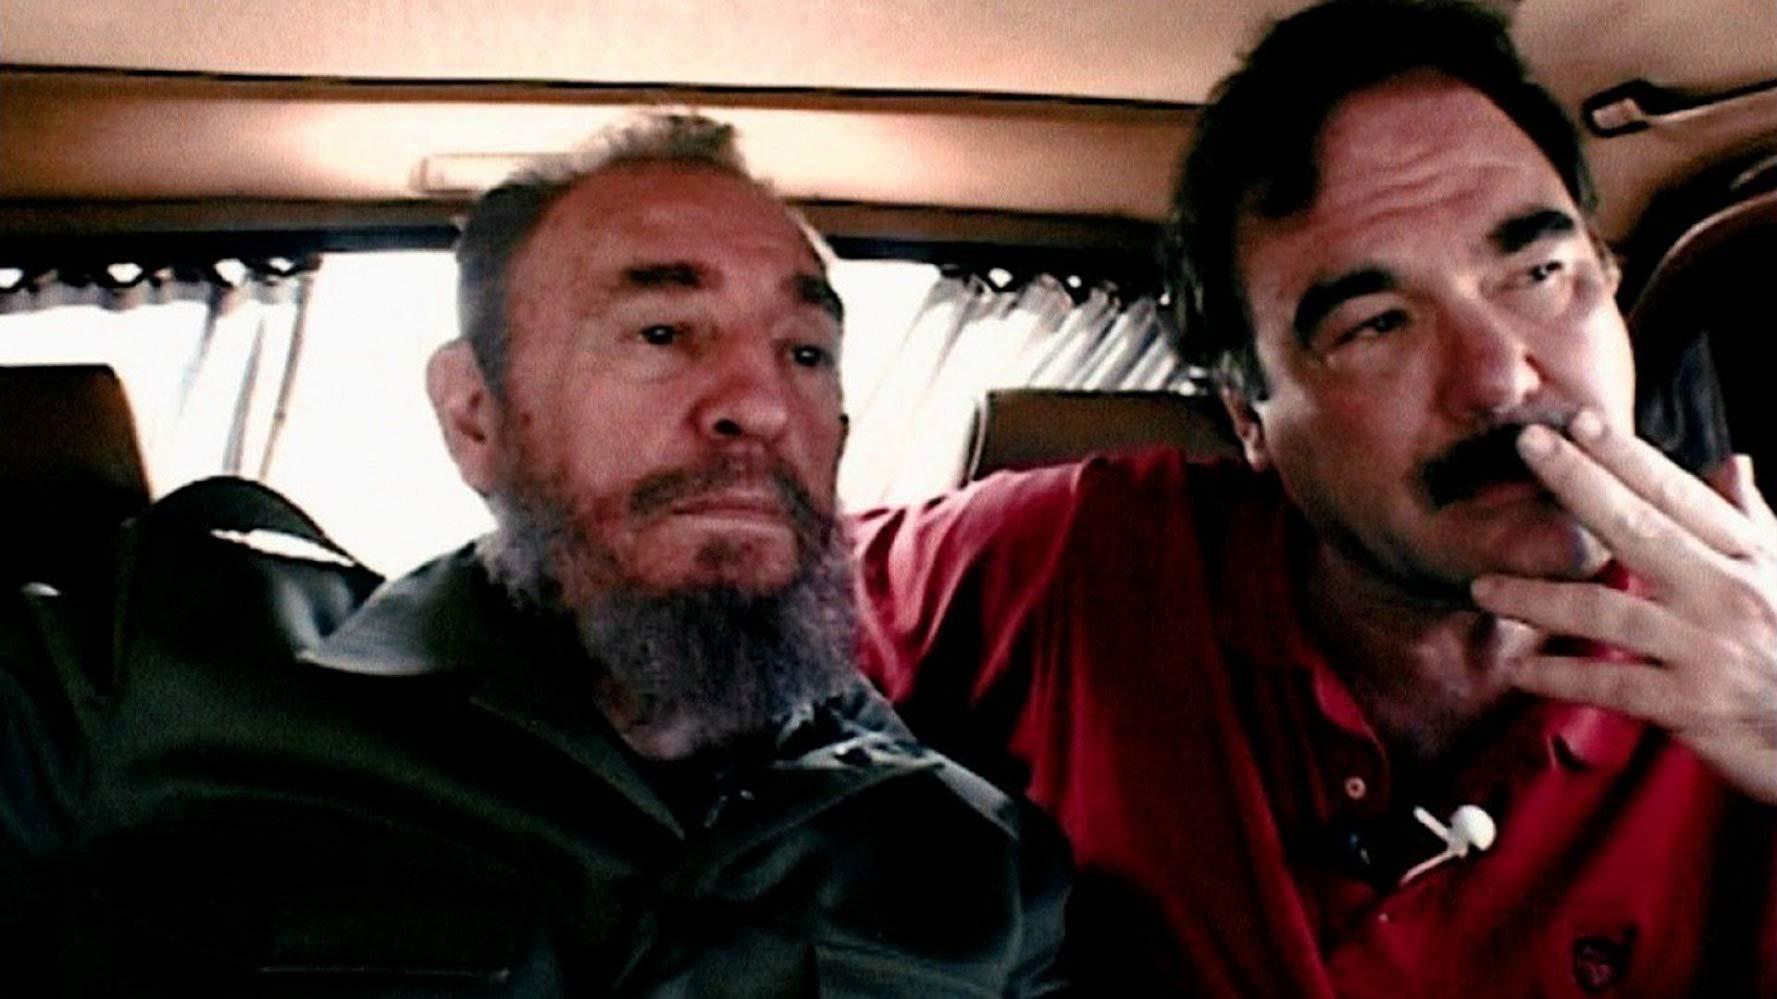 Команданте (Comandante), 2003